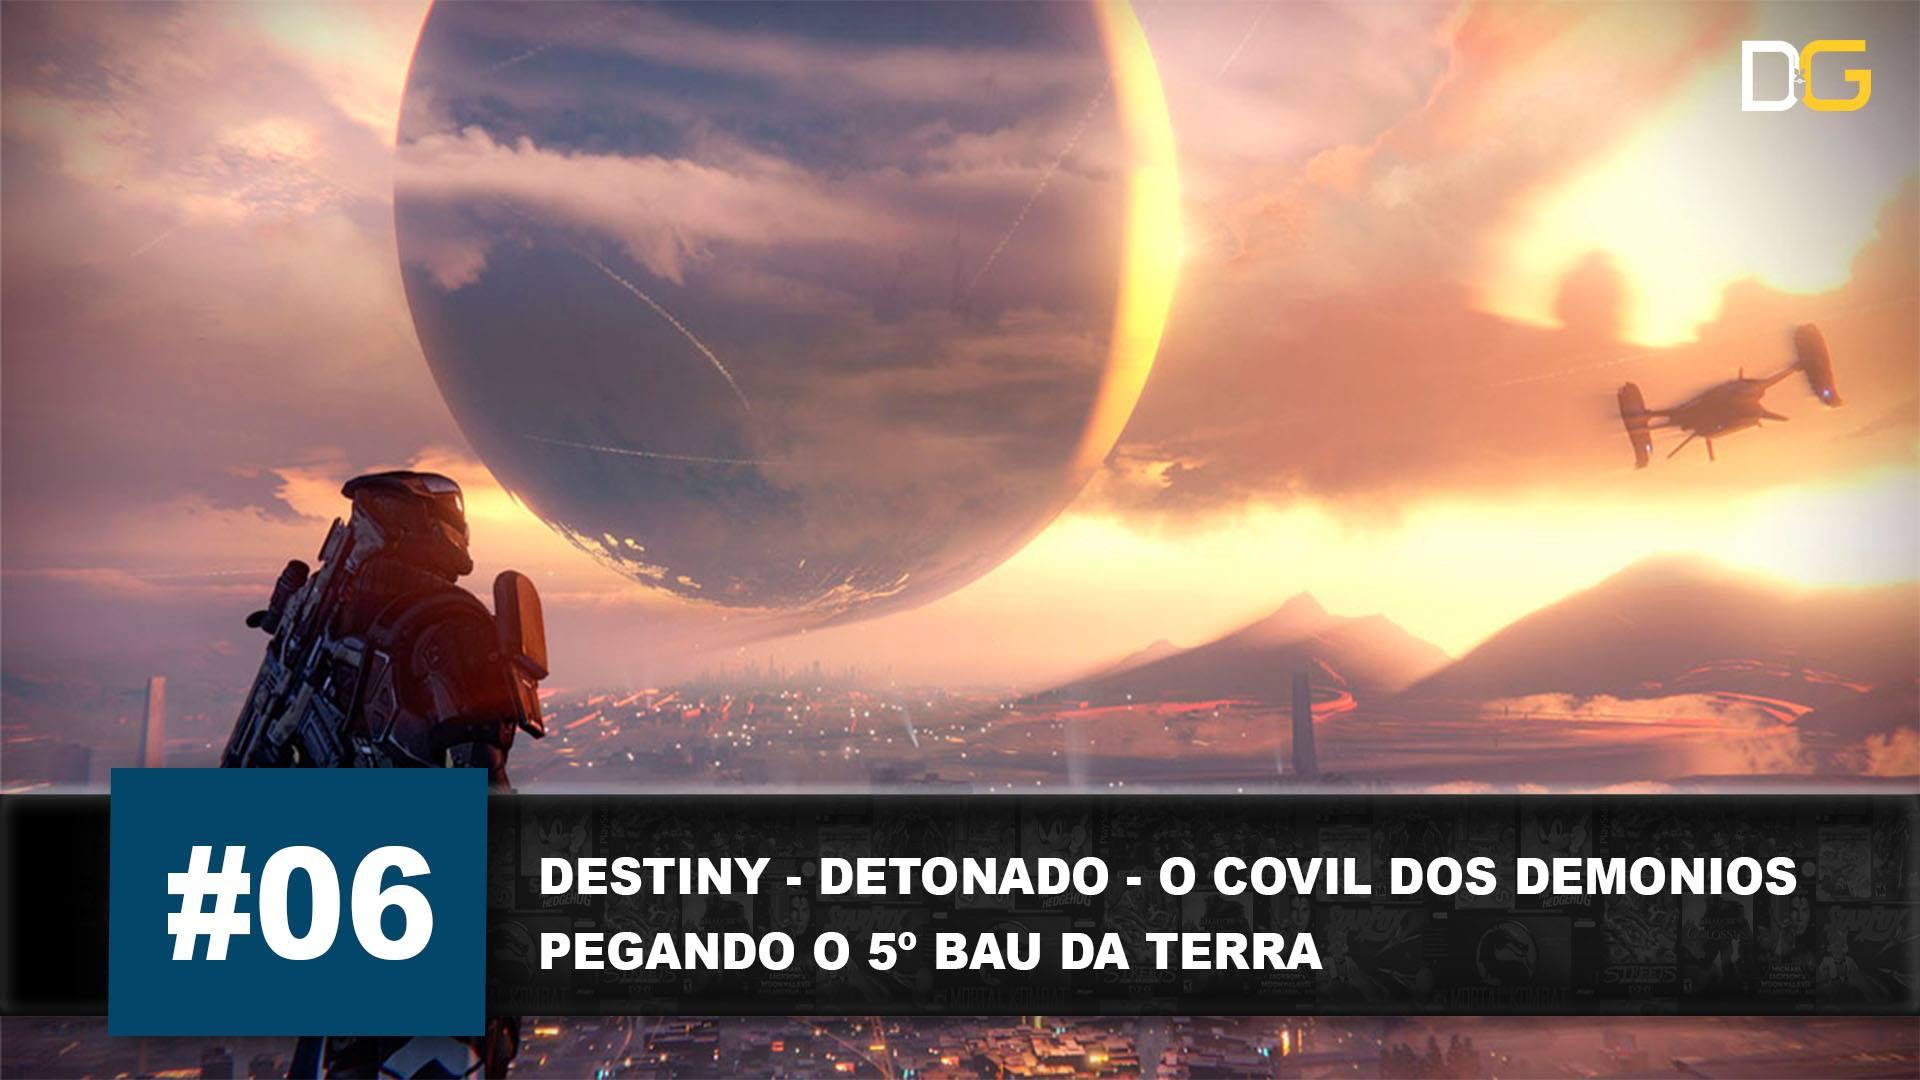 Destiny - Detonado - DG - Covil dos Demônios